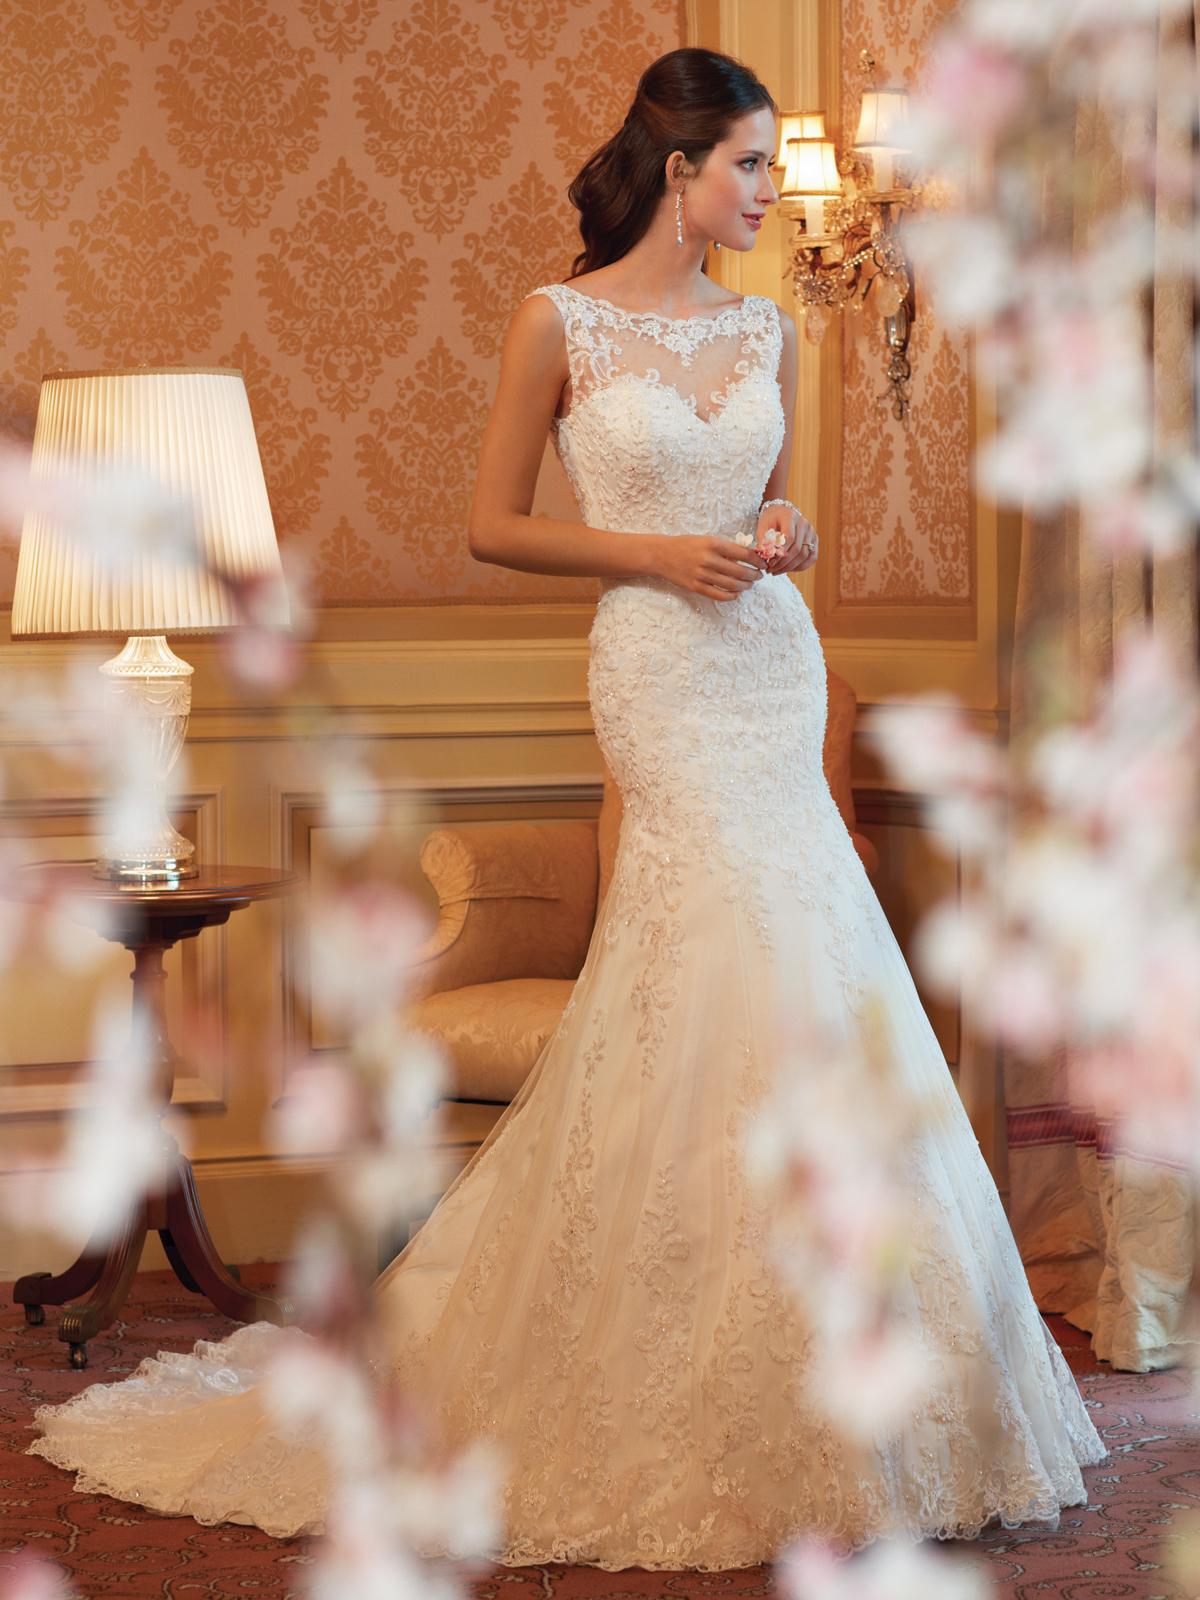 Vestido de Noiva Hera - Hipnose Alta Costura e Spa para Noivas e Noivos - Campinas - SP Vestido de Noiva, Vestidos de Noiva Semi-Sereia, Hipnose Alta Costura, Vestido de Noiva Hera